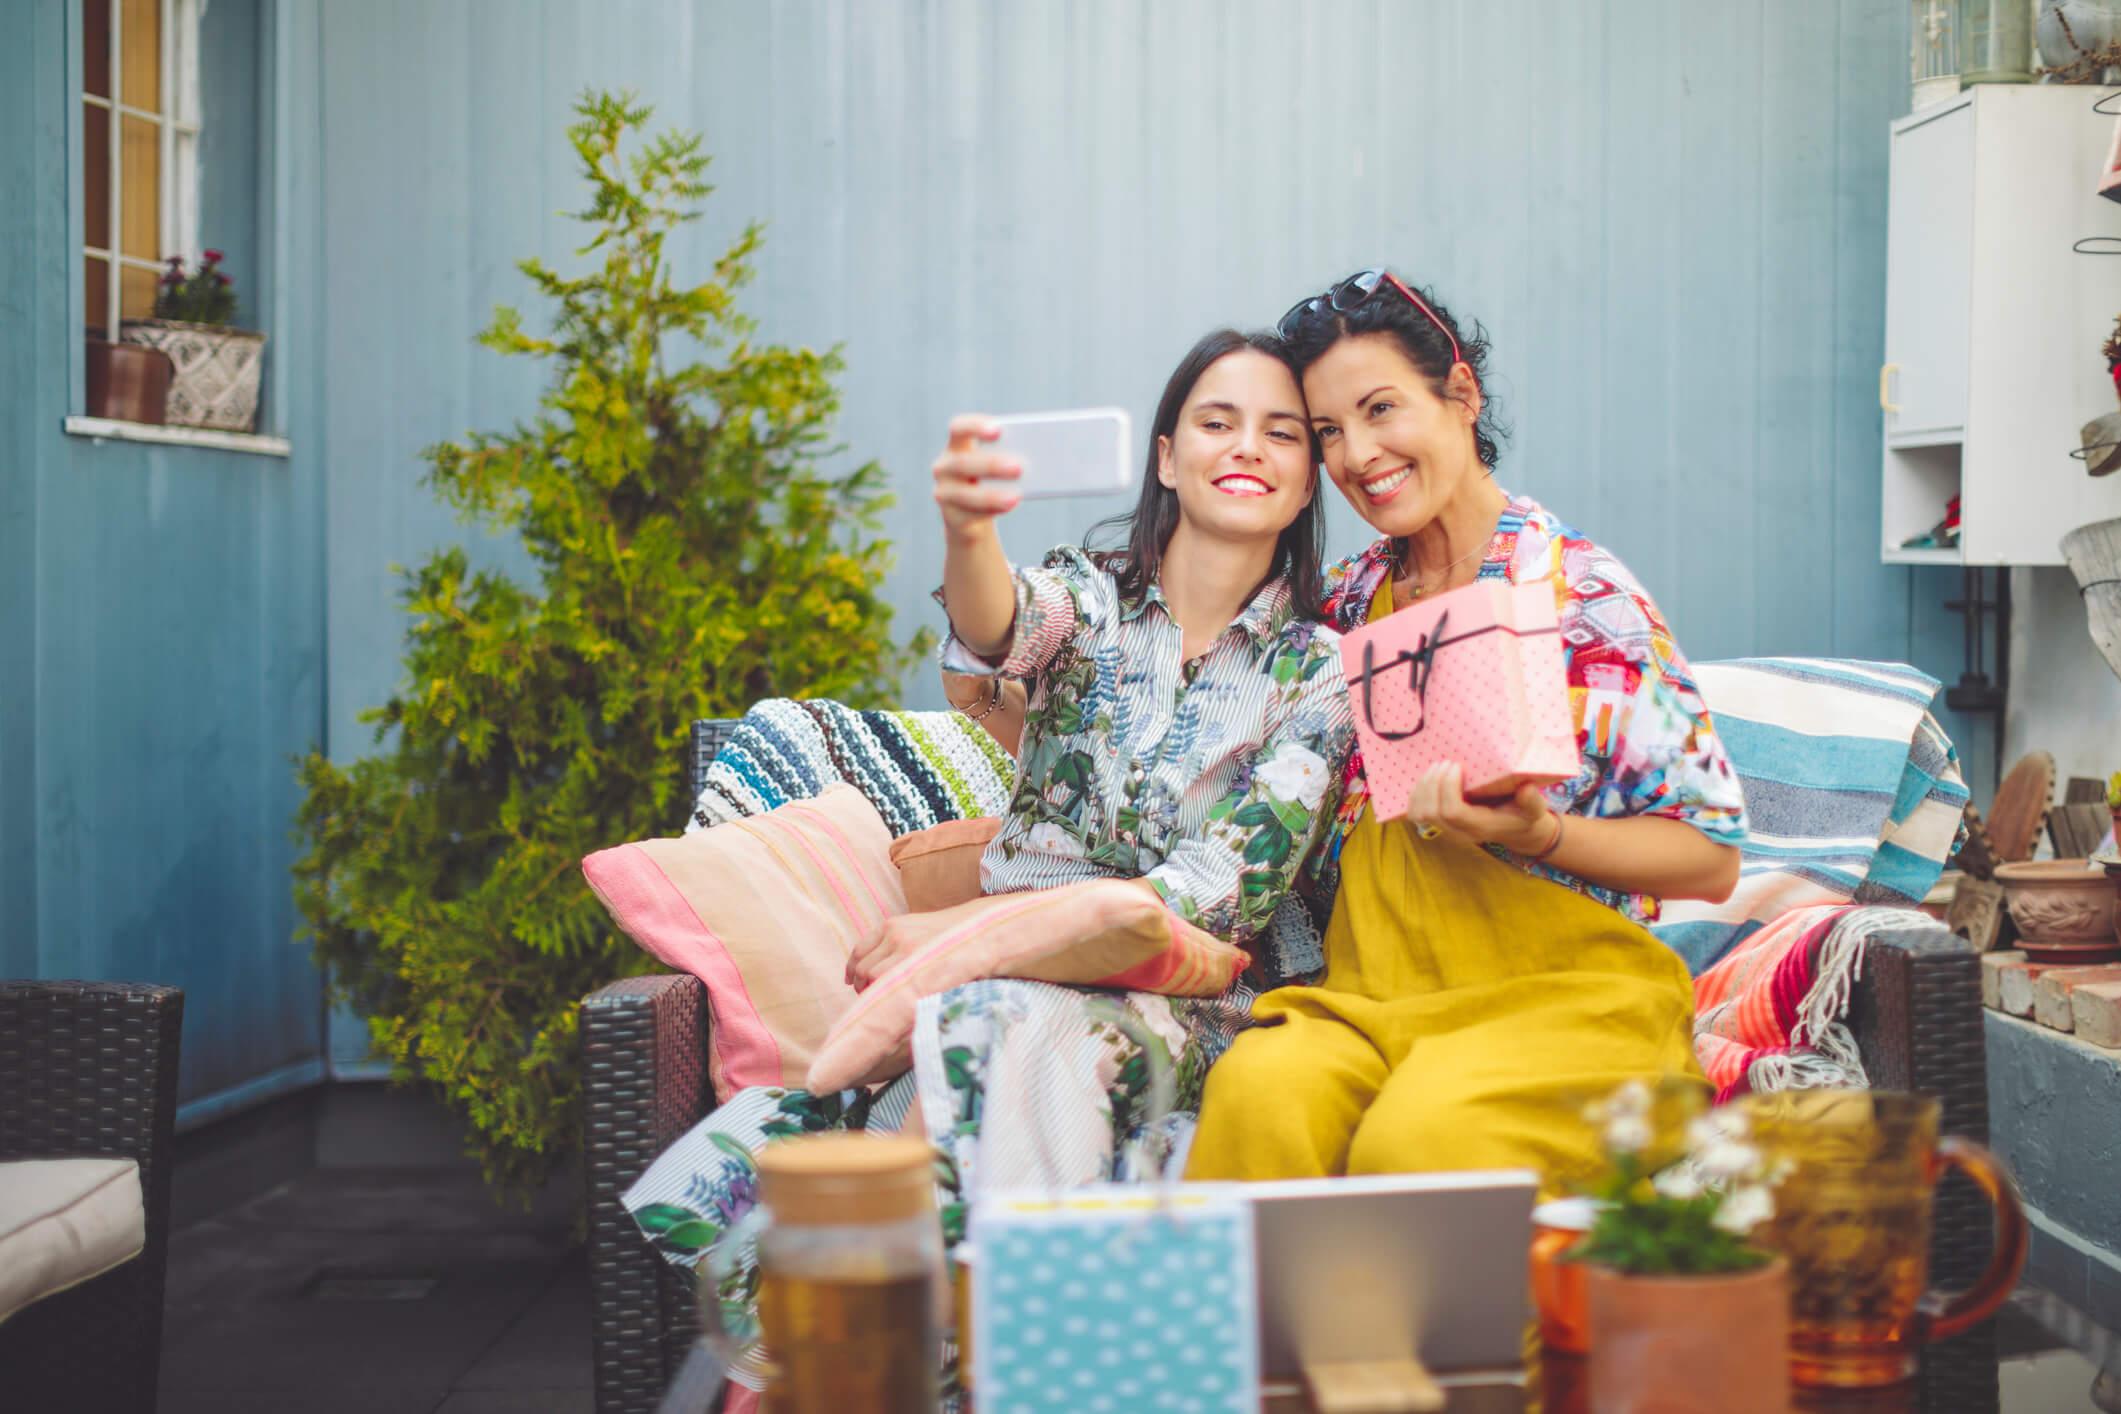 6096f6c88 Como escolher o melhor presente para o dia das mães  5 dicas infalíveis